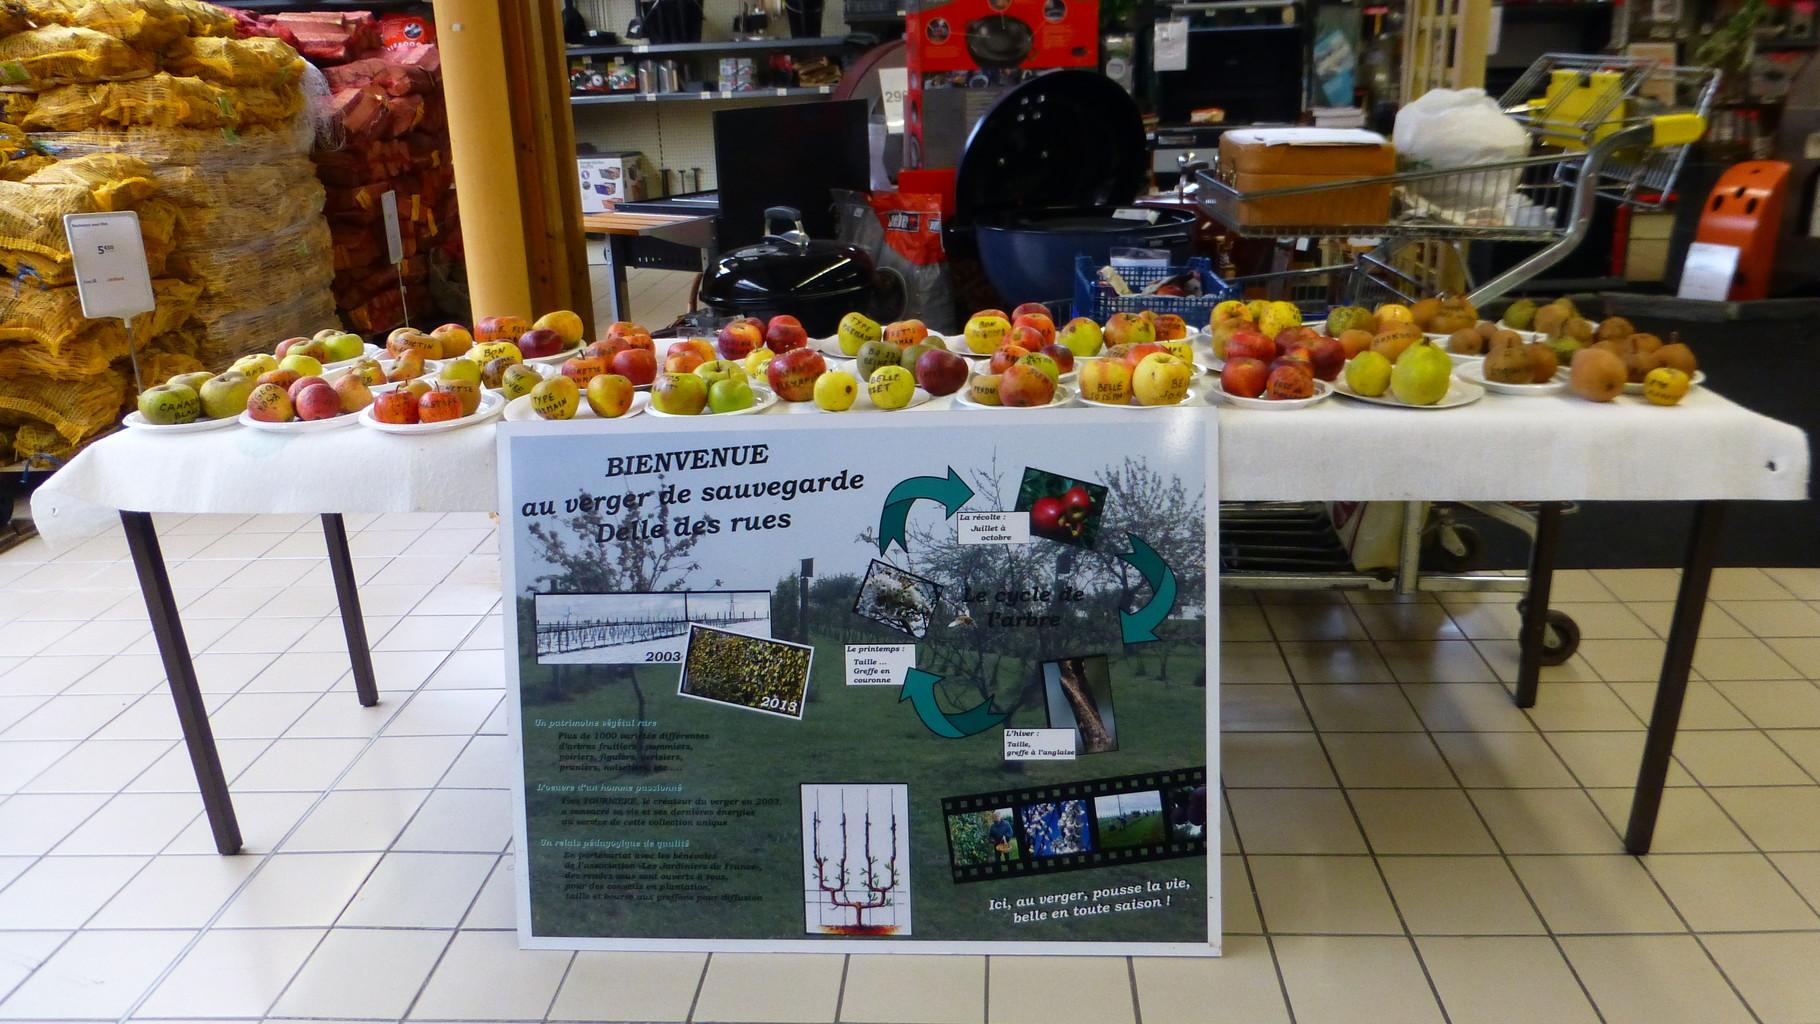 La table des fruits et le panneau d'accueil du verger